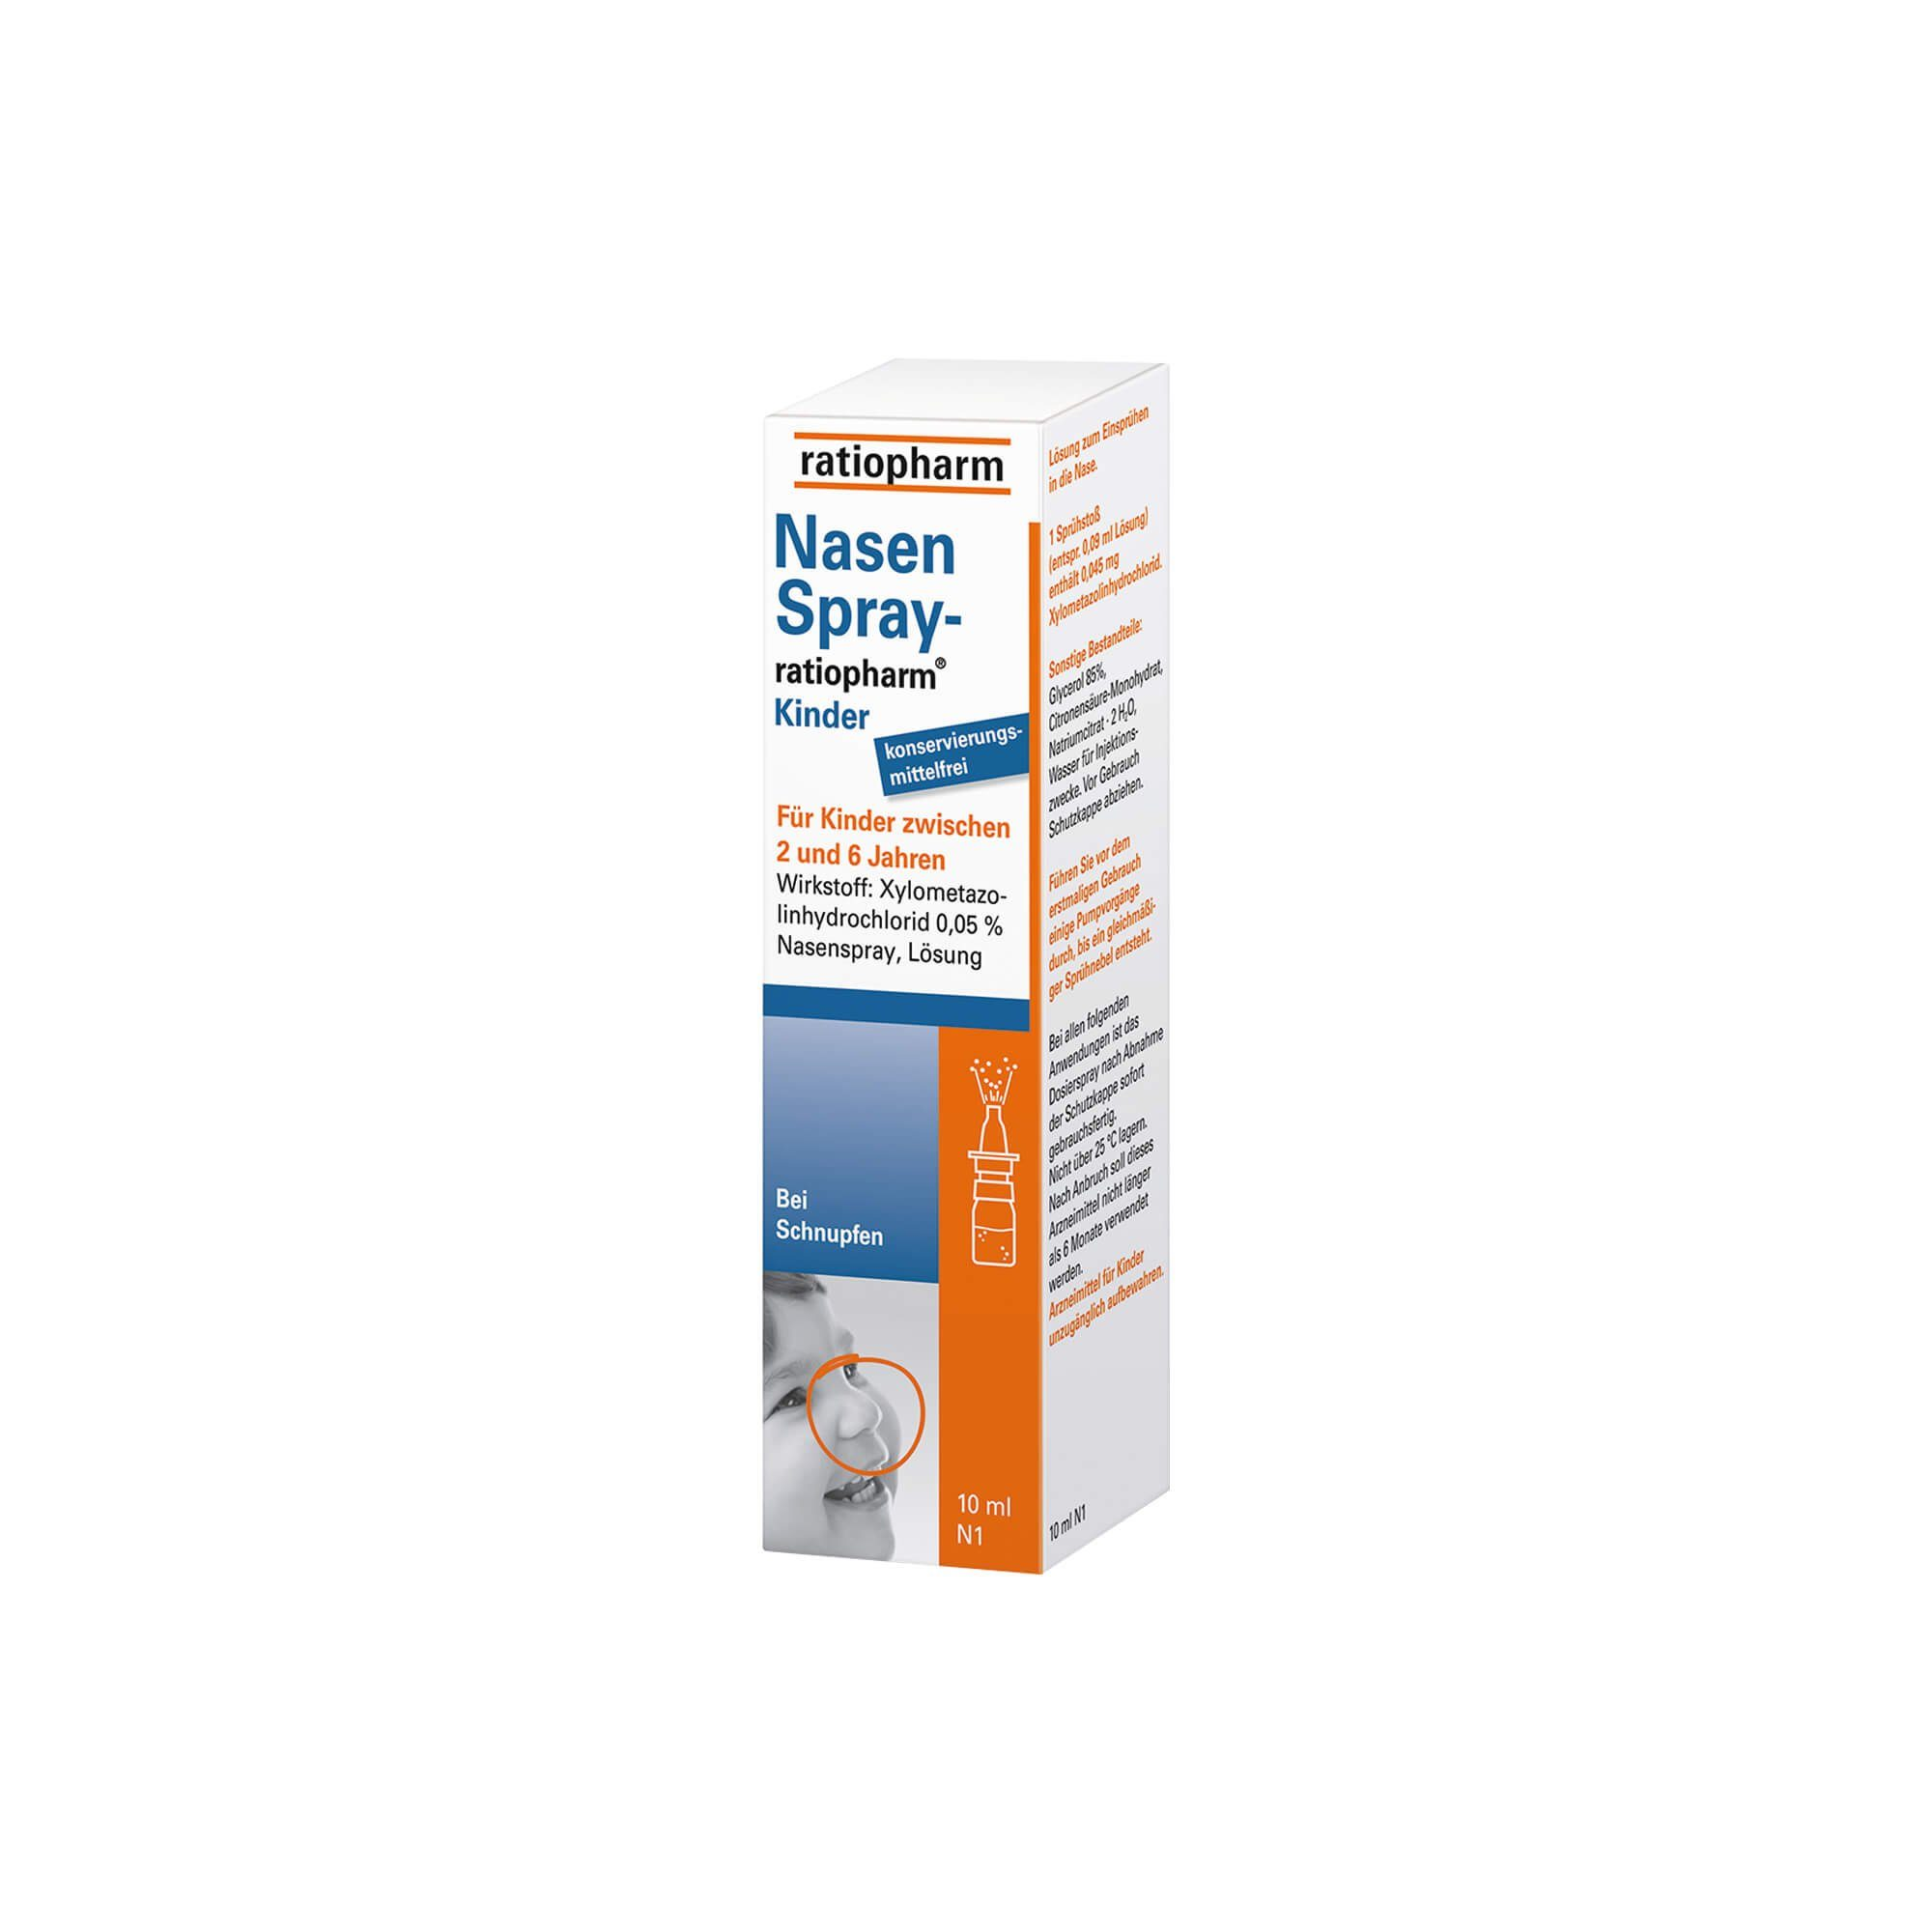 Nasenspray ratiopharm für Kinder, 10 ml